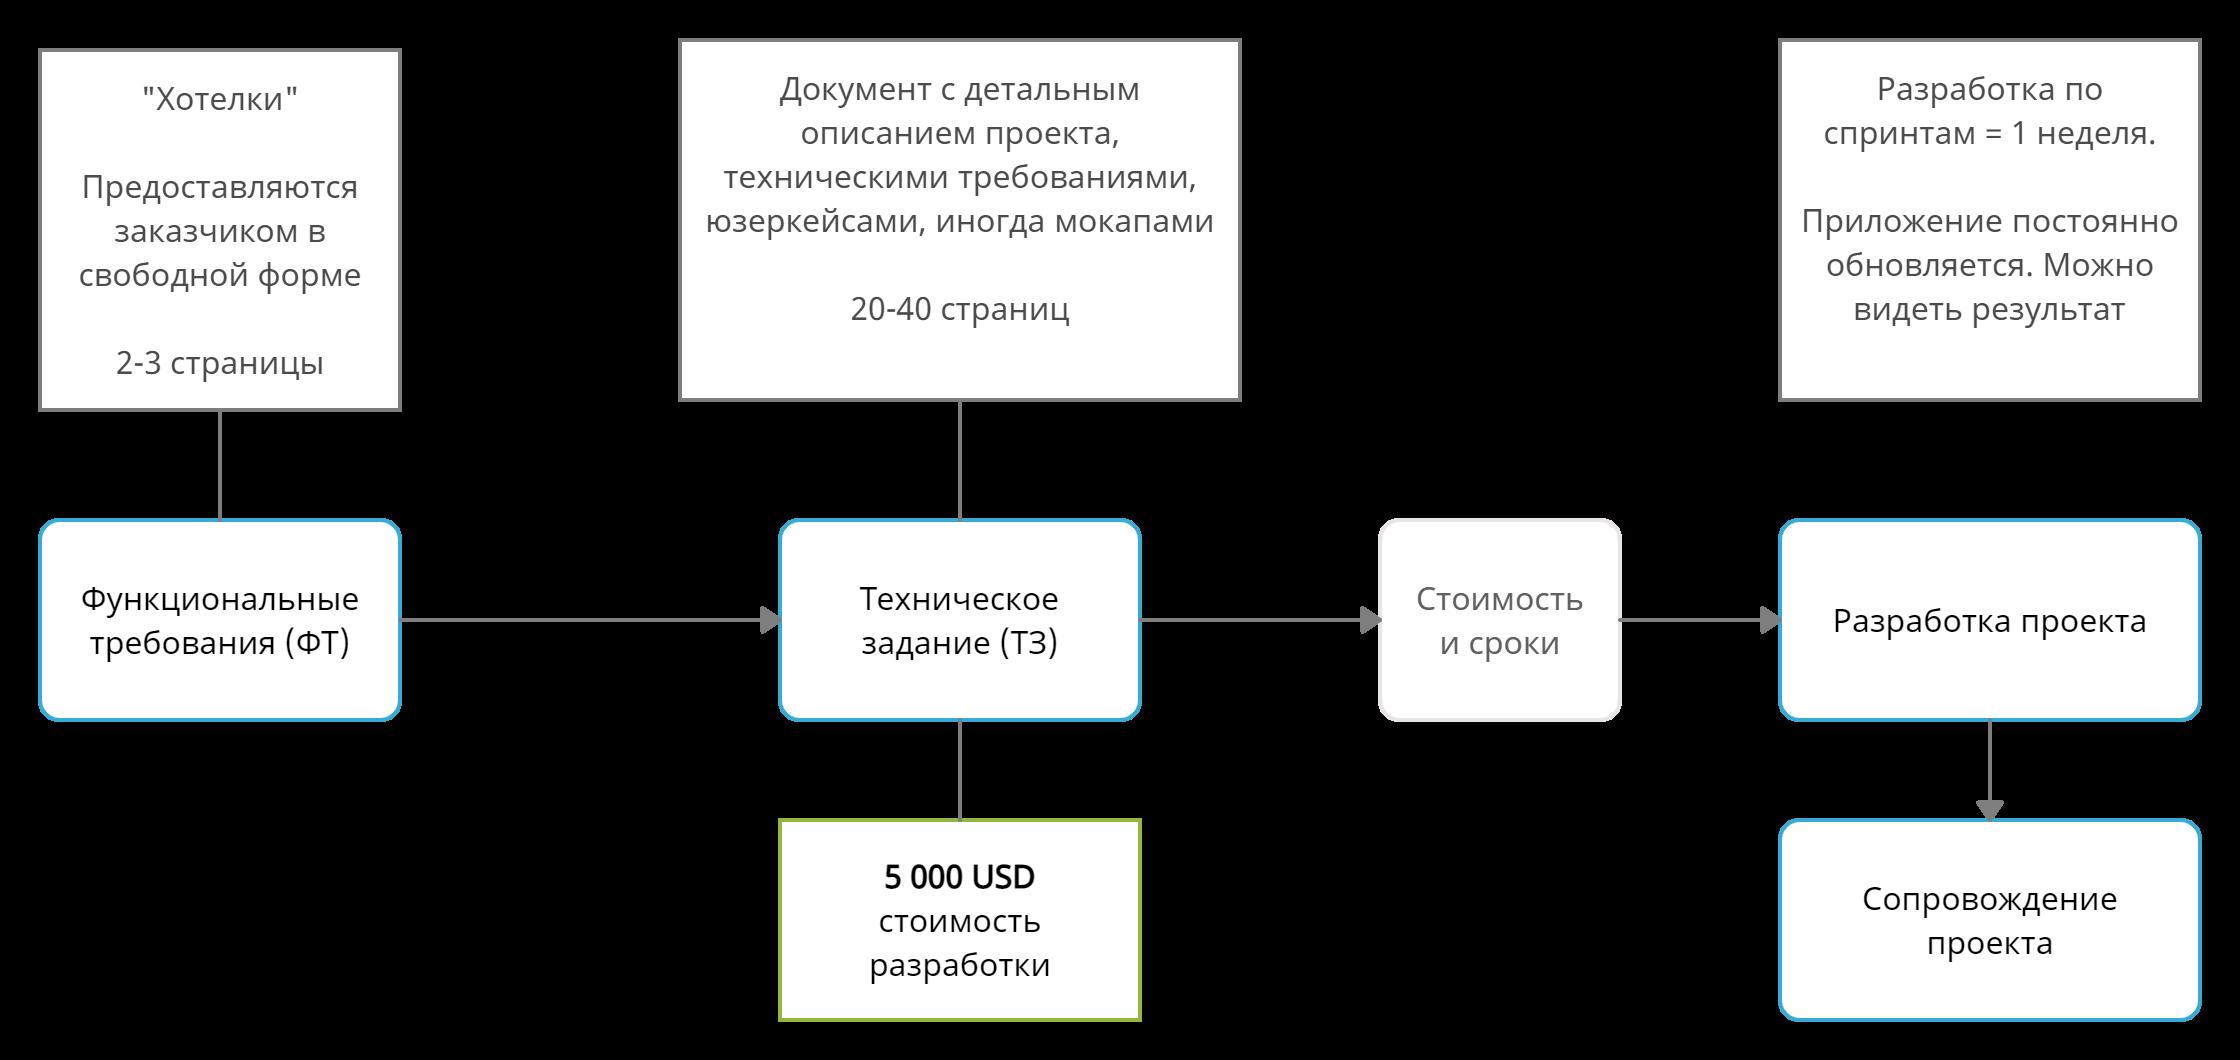 Этапы разработки проекта